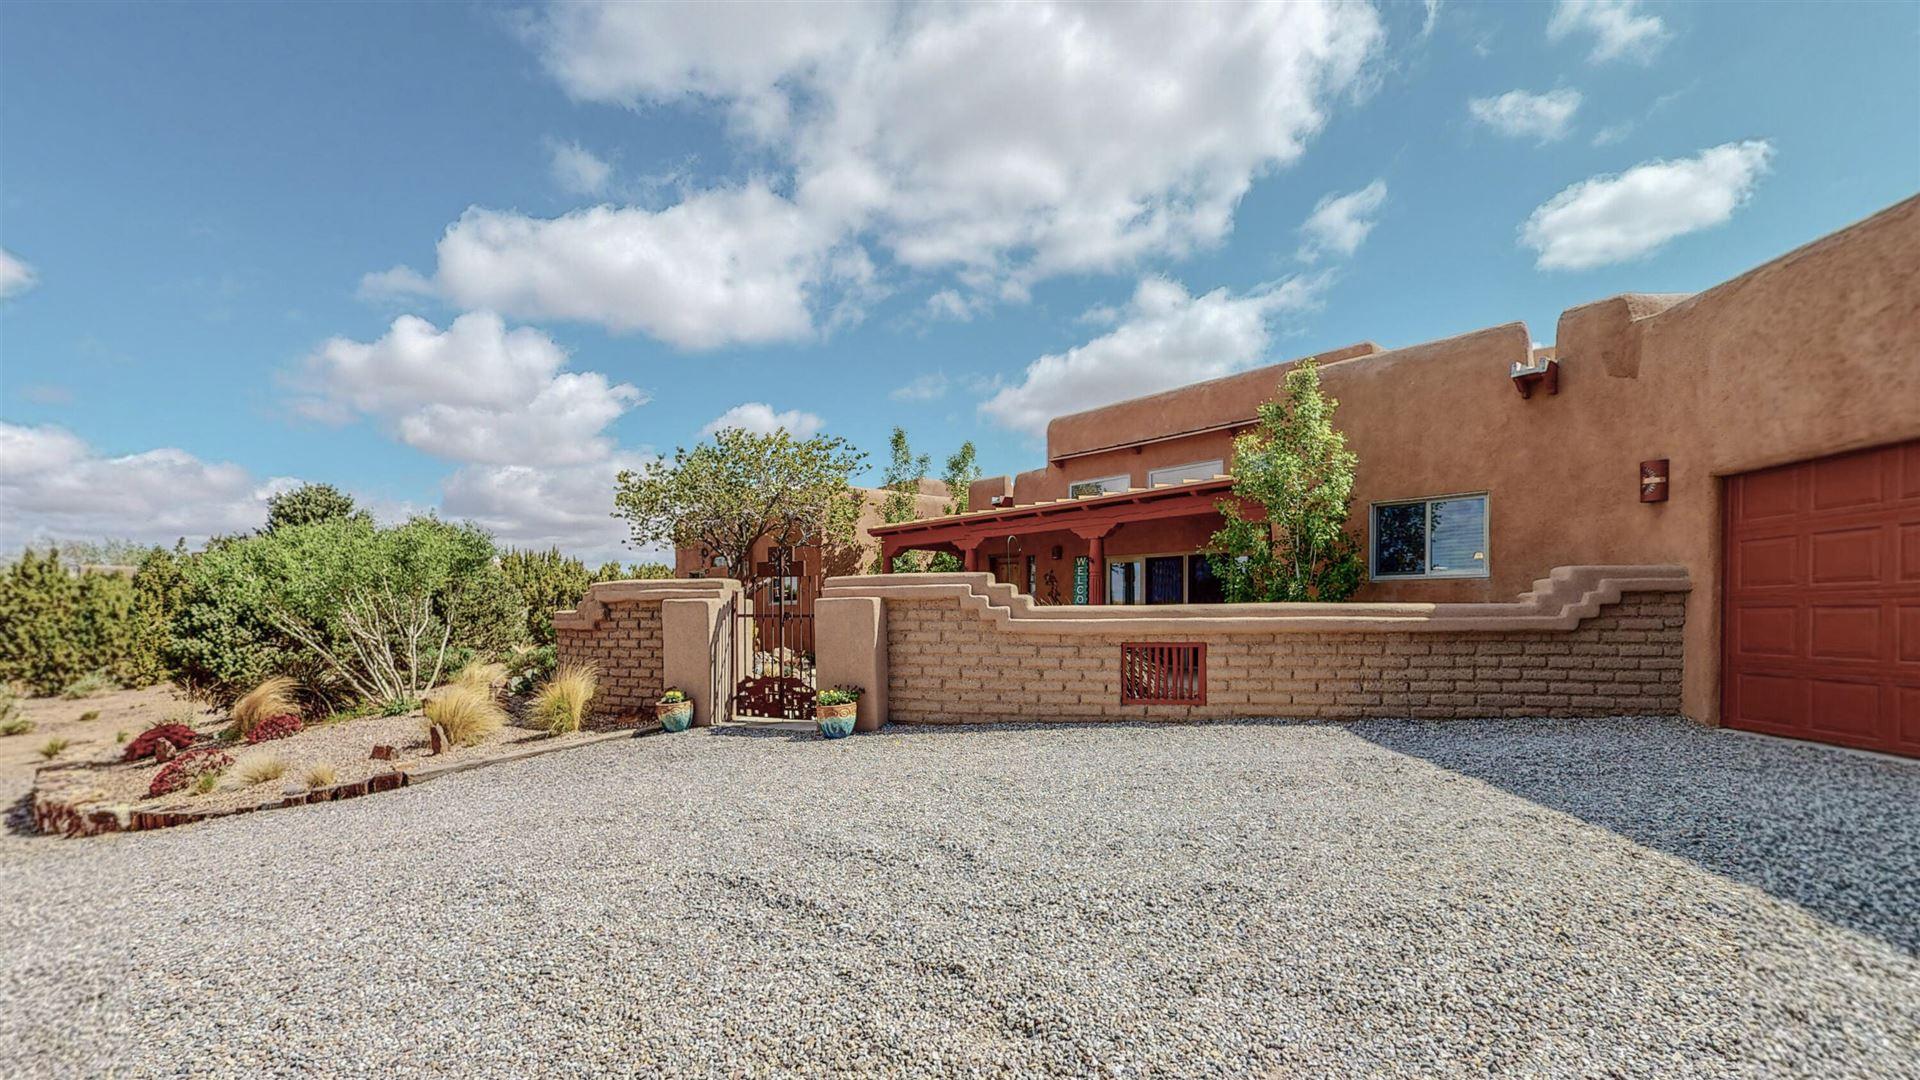 Photo of 6 ARIEL Court, Placitas, NM 87043 (MLS # 991490)